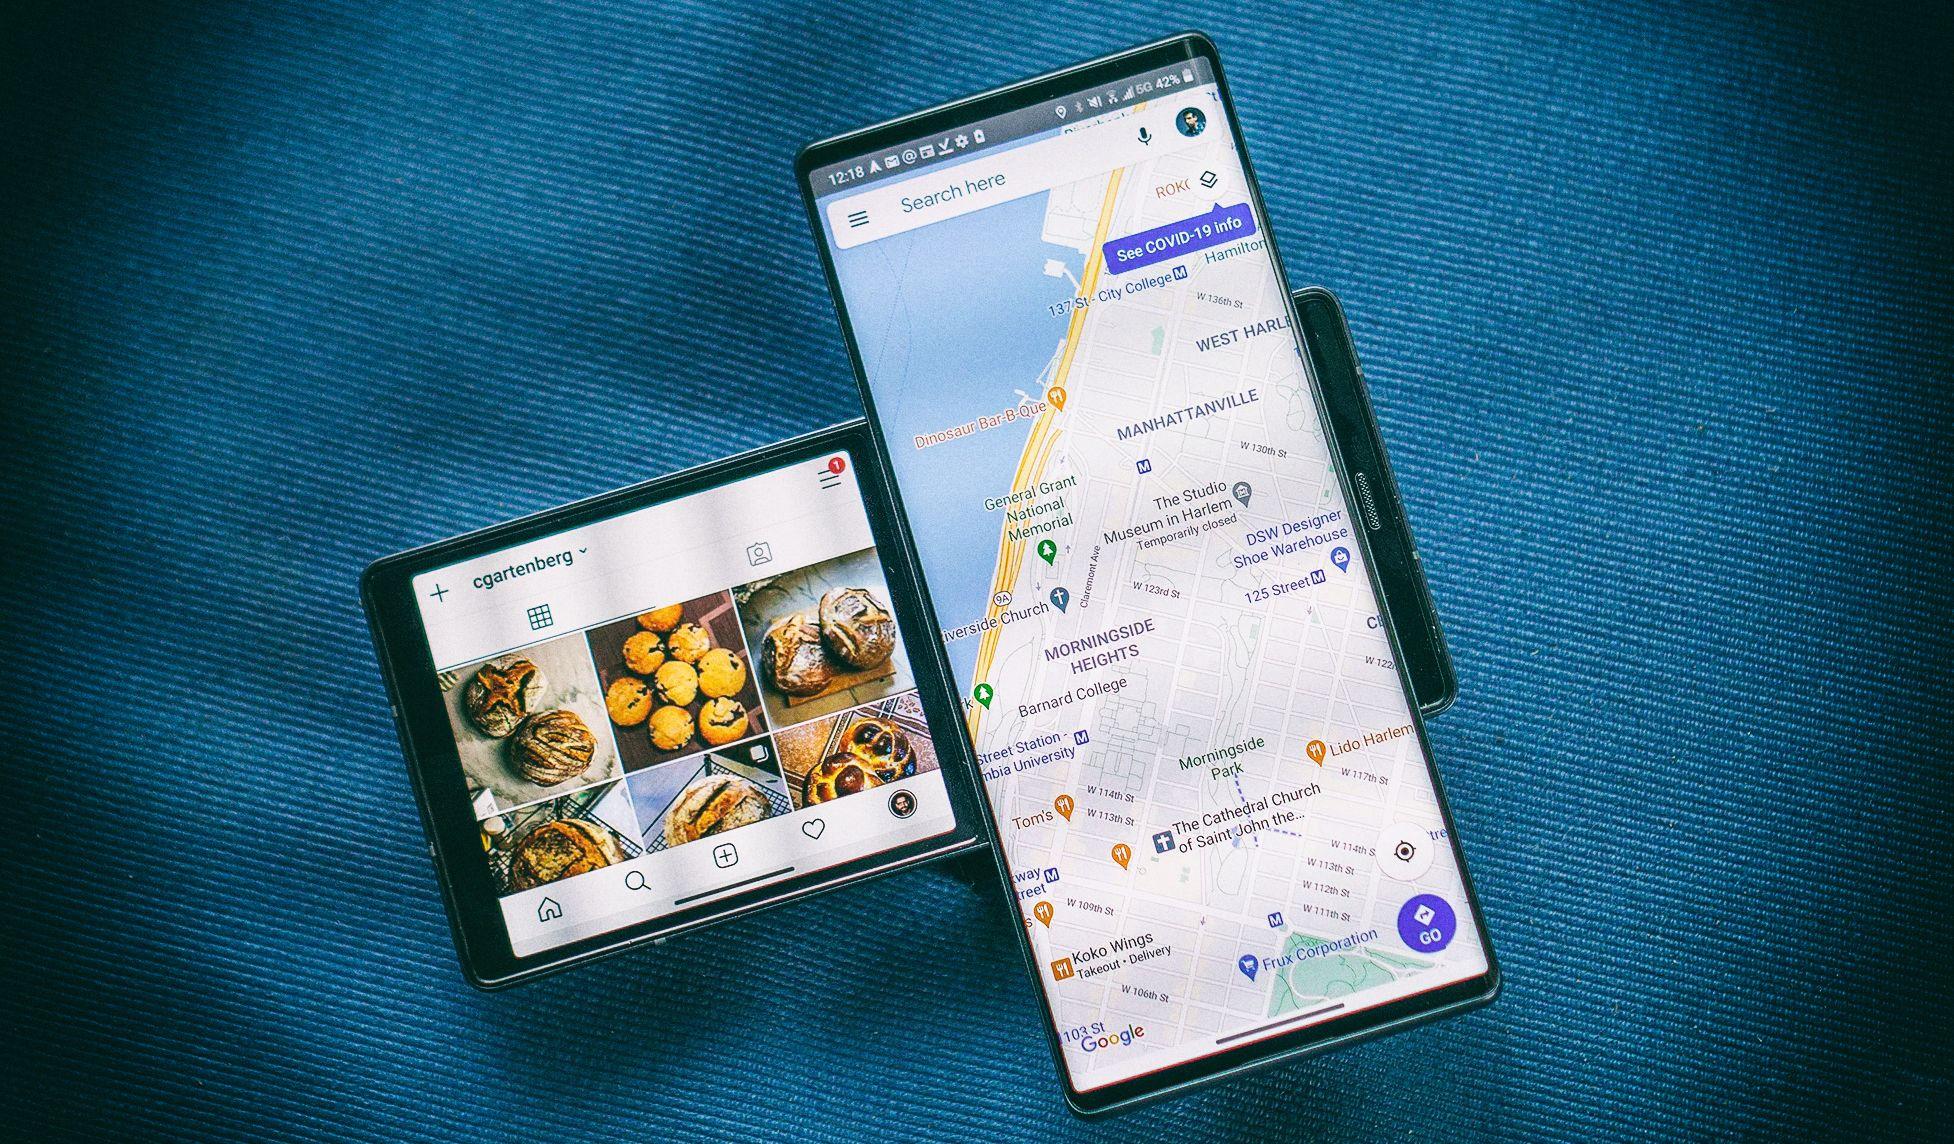 LG окончательно прекратила производство смартфонов